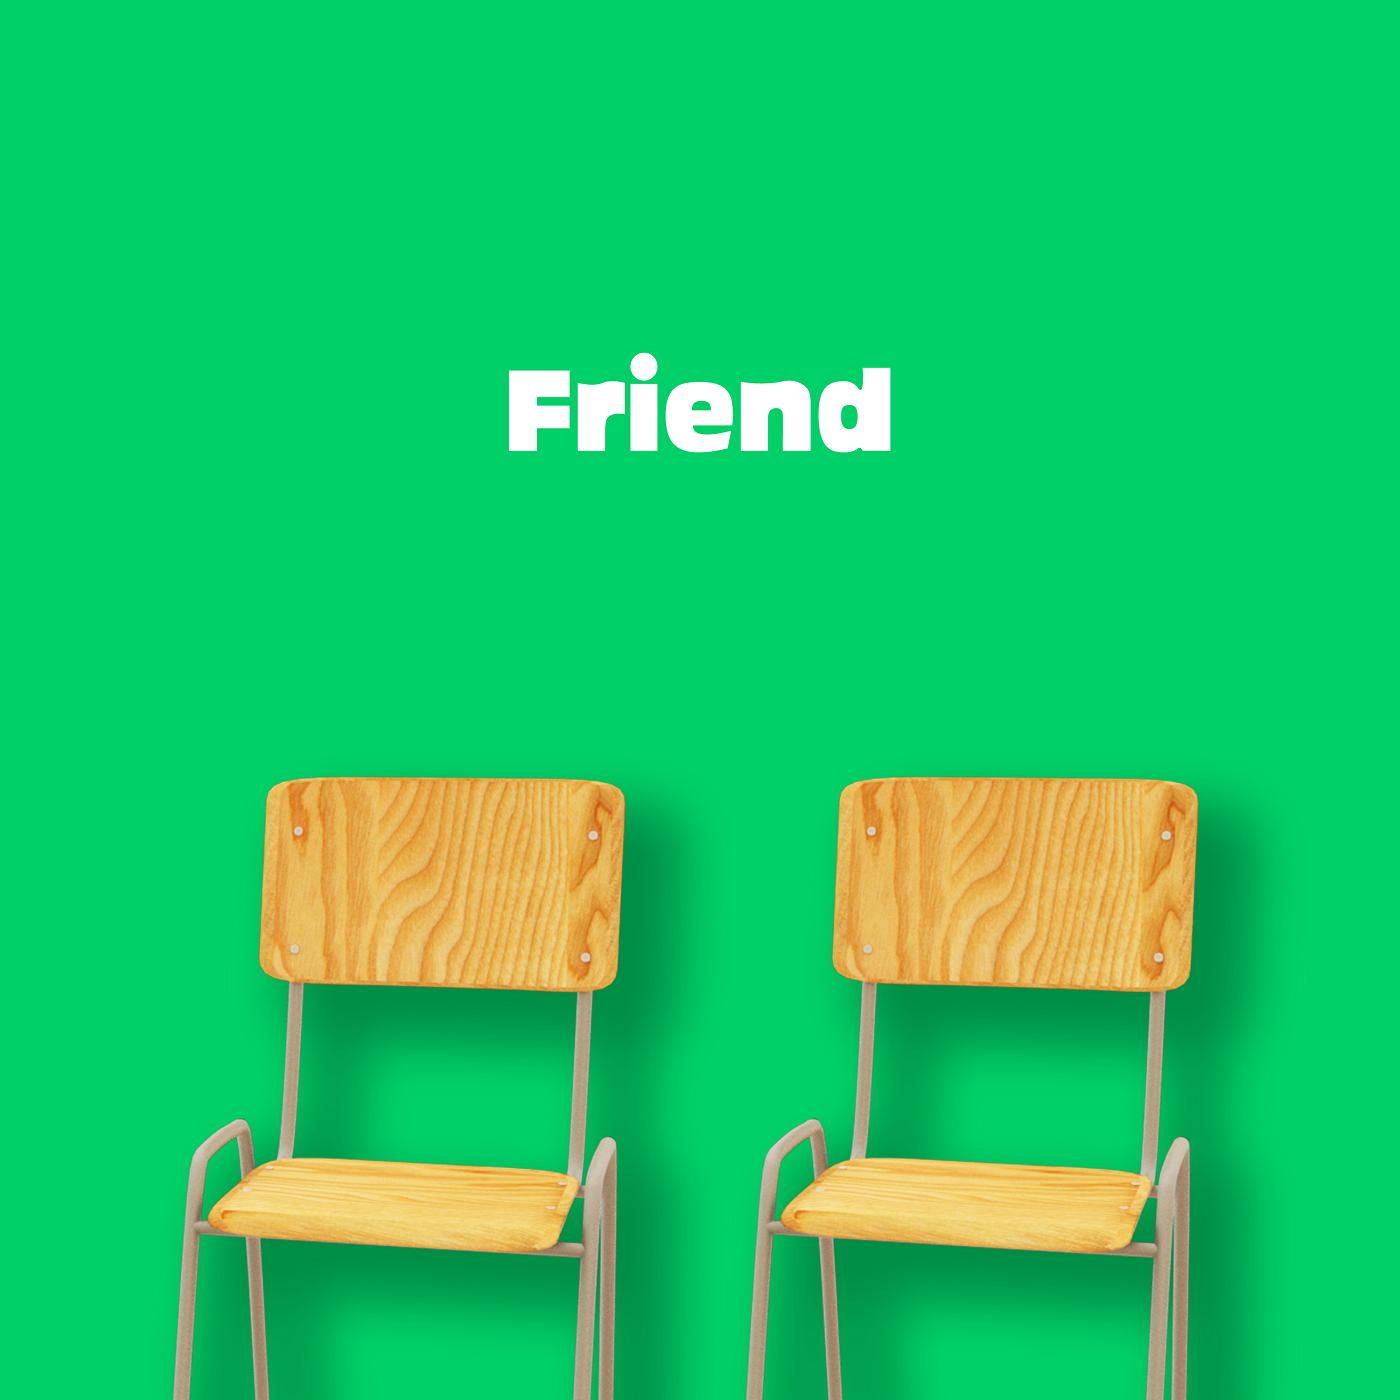 Imagini pentru btob friend cover